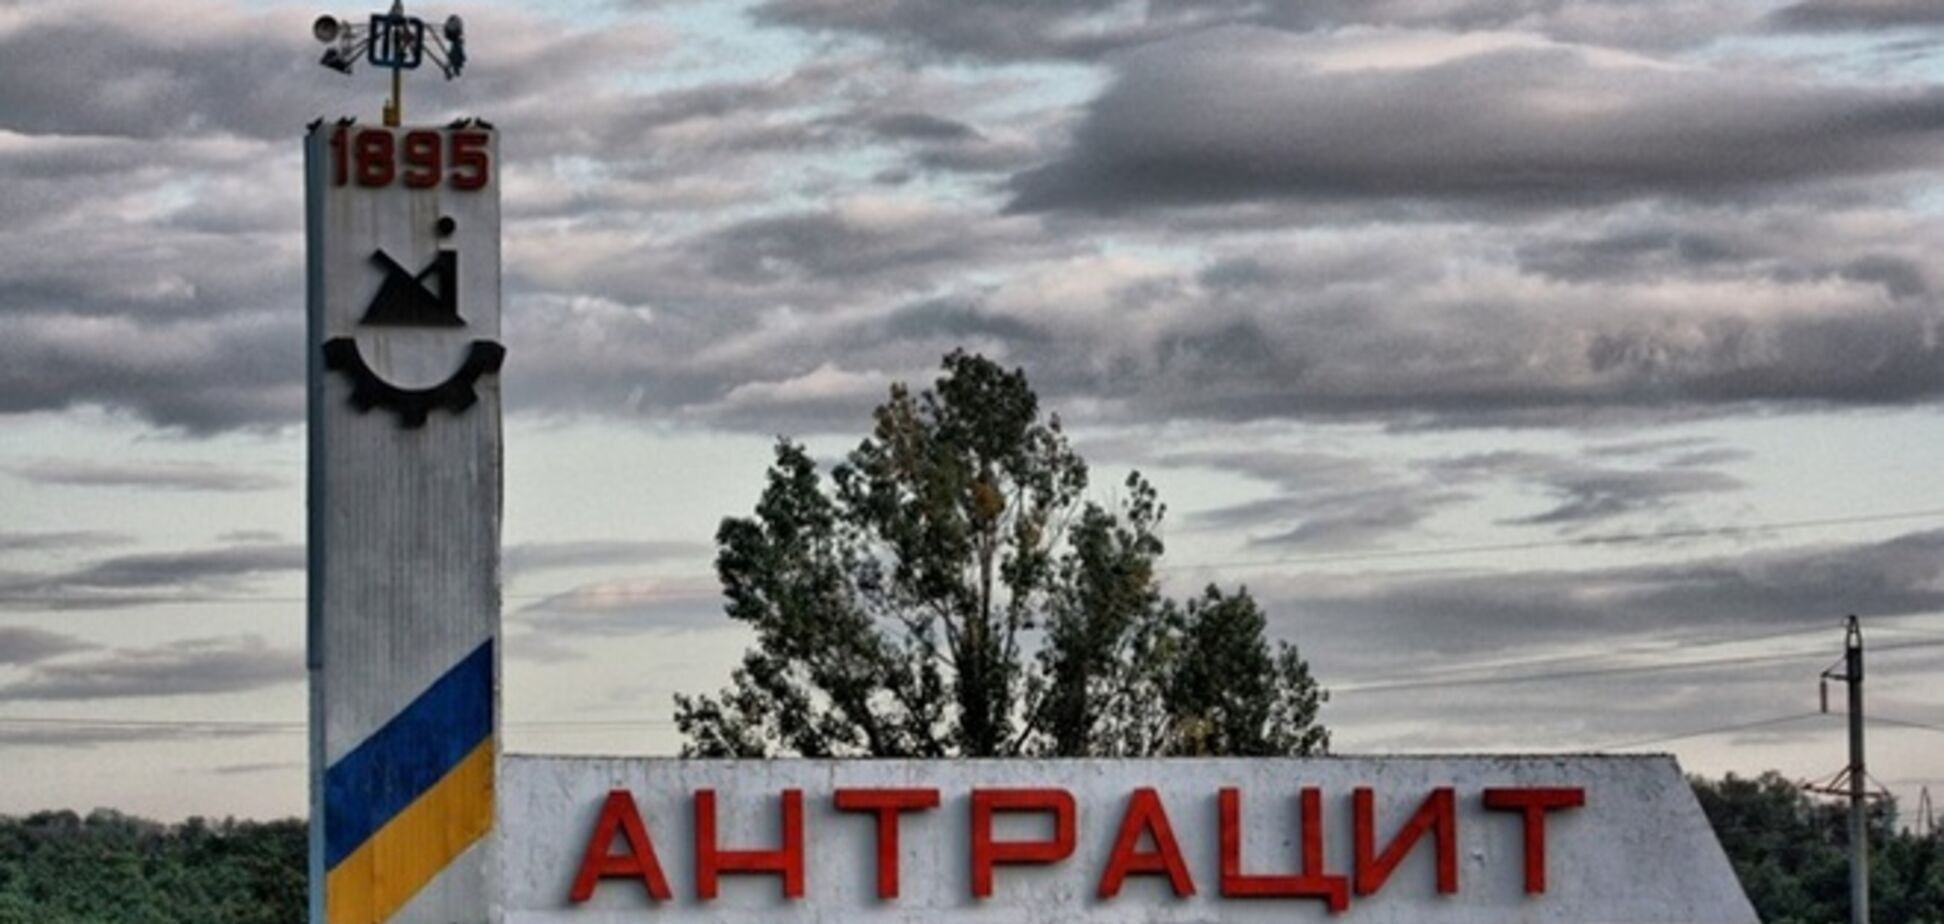 В Антраците террористы ищут украинских партизан: из города никого не выпускают